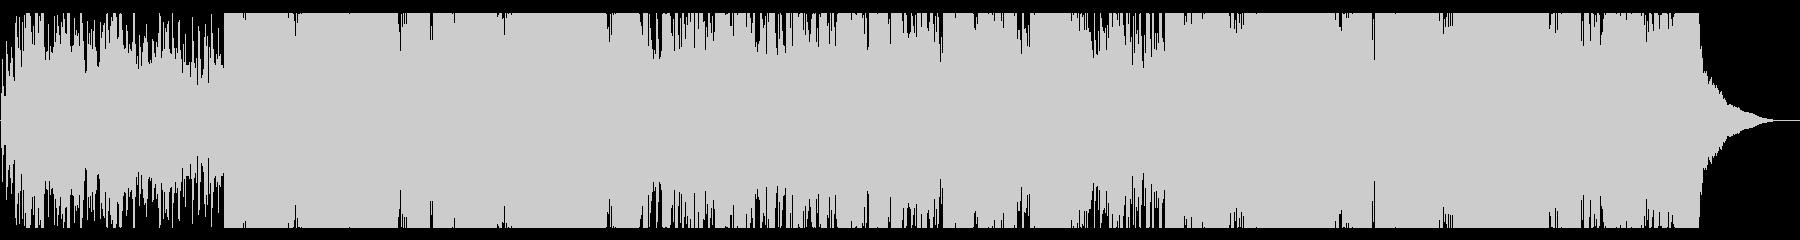 ポップの1 pop  Youtube の未再生の波形